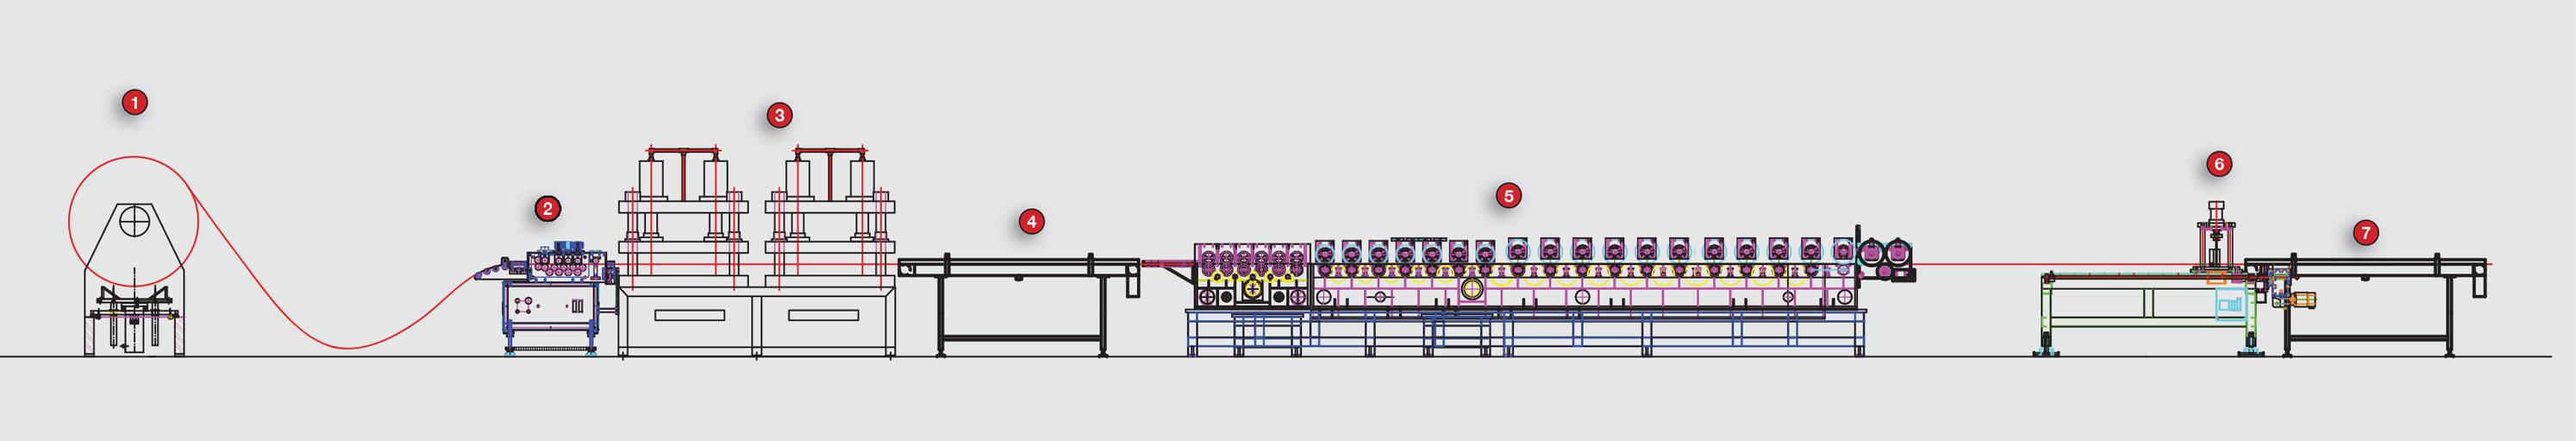 Doner-kaldirma-metal-kapi-kapi-cerceveleri-kapi-uretimi-hatti-sema